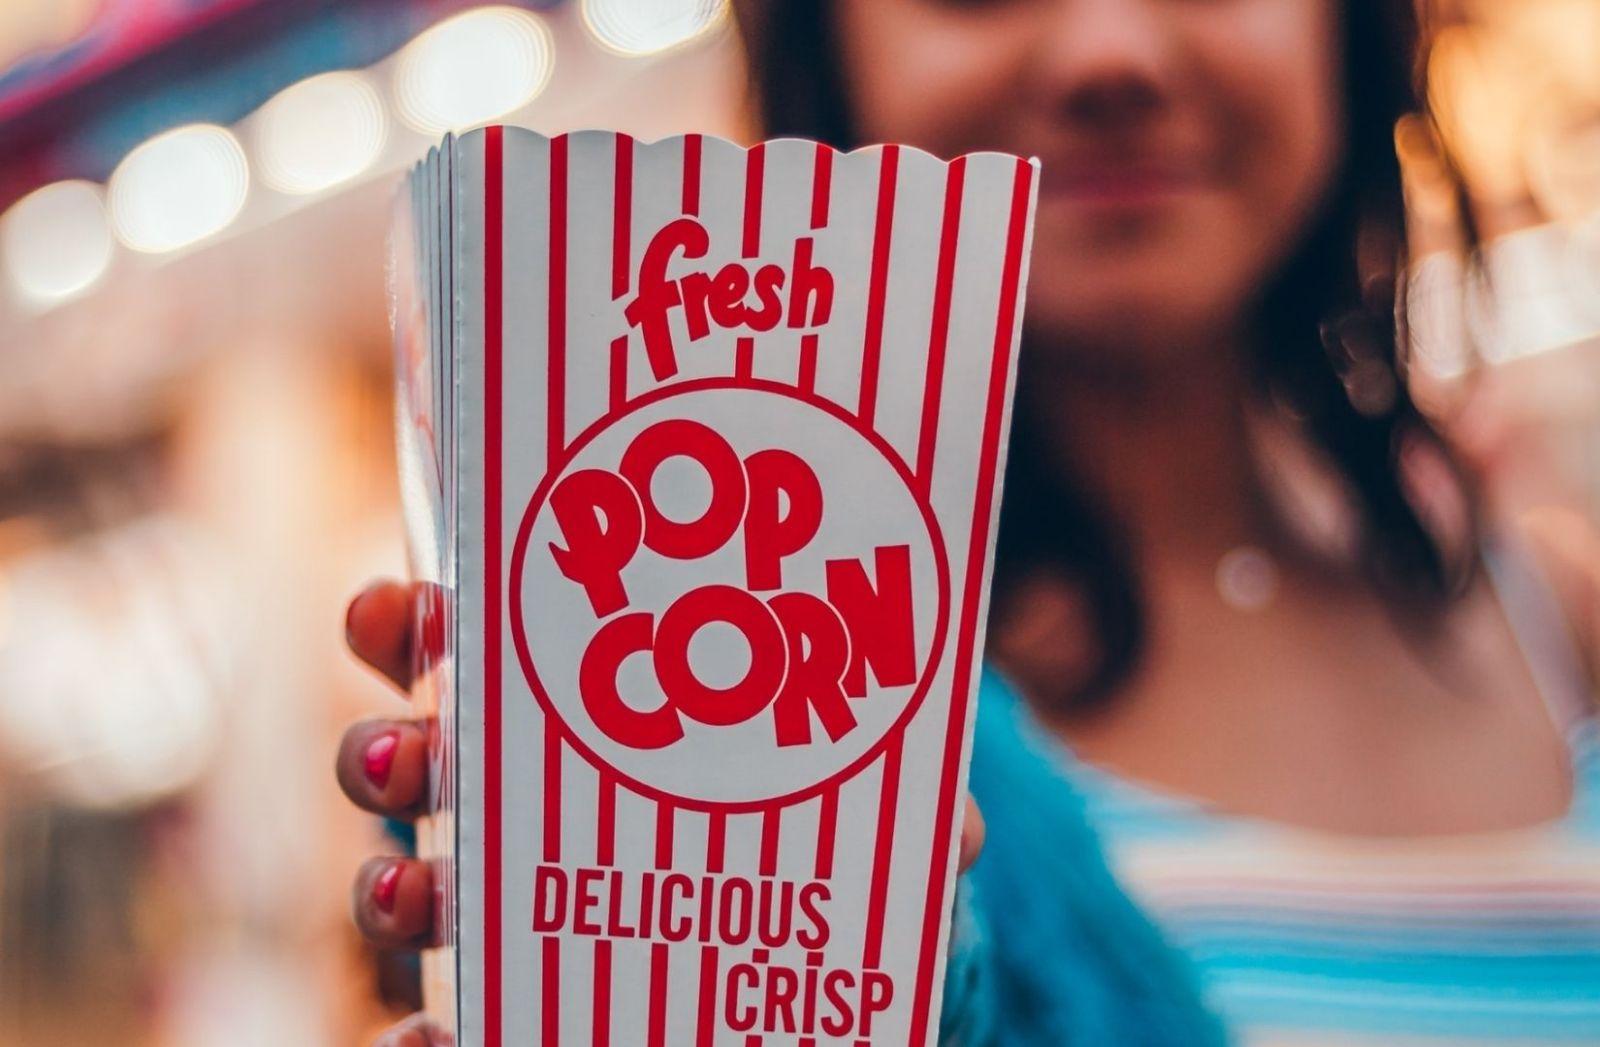 Alfredo M. Bonanno schreibt nicht über Popcorn, aber über Brixton 1981. (Foto: David Hurley, Unsplash.com)